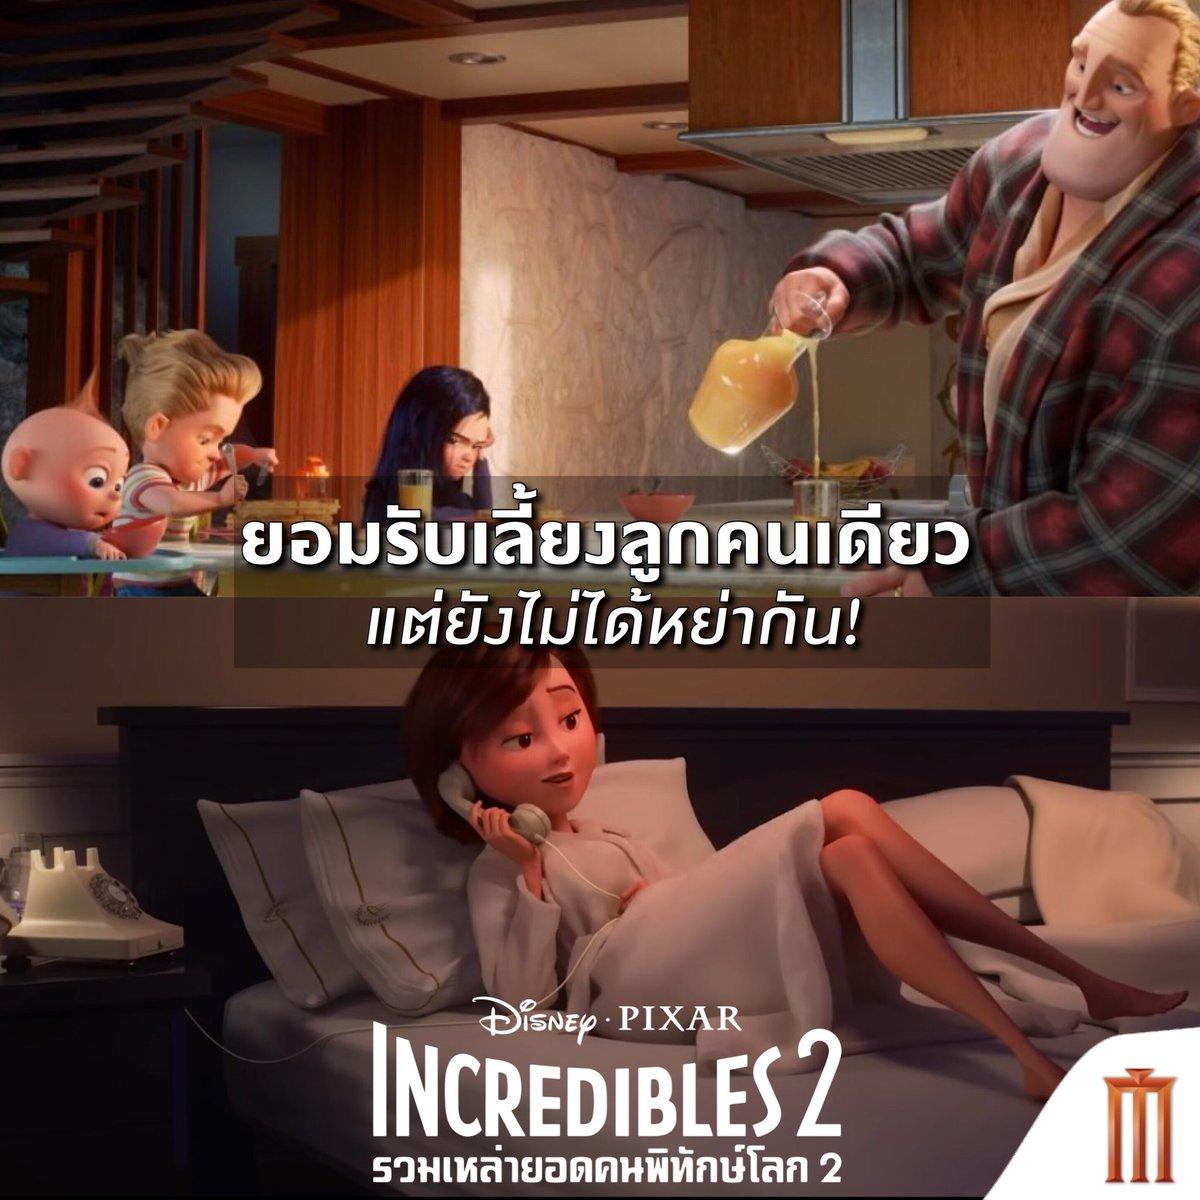 """ถึง """"มิสเตอร์อินเครดิเบิ้ล"""" จะเลี้ยงลูกคนเดียว แต่ไม่ได้เตียงหัก ไม่ได้มีมือที่สามและไม่ได้หย่ากับ """"อีลาสติเกิร์ล"""" แต่แยกกันแบ่งหน้าที่รับผิดชอบใน #Incredibles2  """"รวมเหล่ายอดคนพิทักษ์โลก 2"""" วันนี้ทั้งในระบบ IMAX3D และ 4DX #Incredibles2TH"""